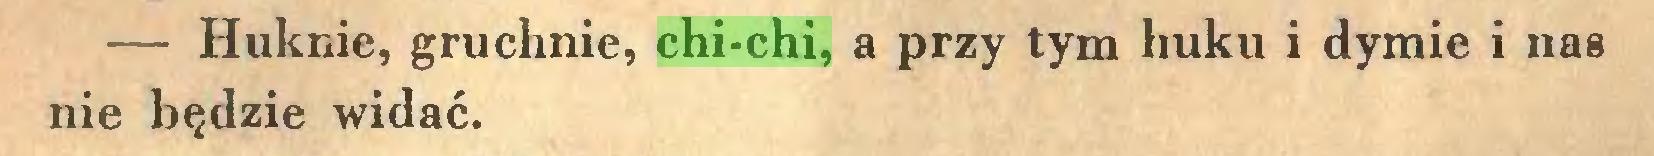 (...) — Huknie, gruchnie, chi-chi, a przy tym huku i dymie i nas nie będzie widać...